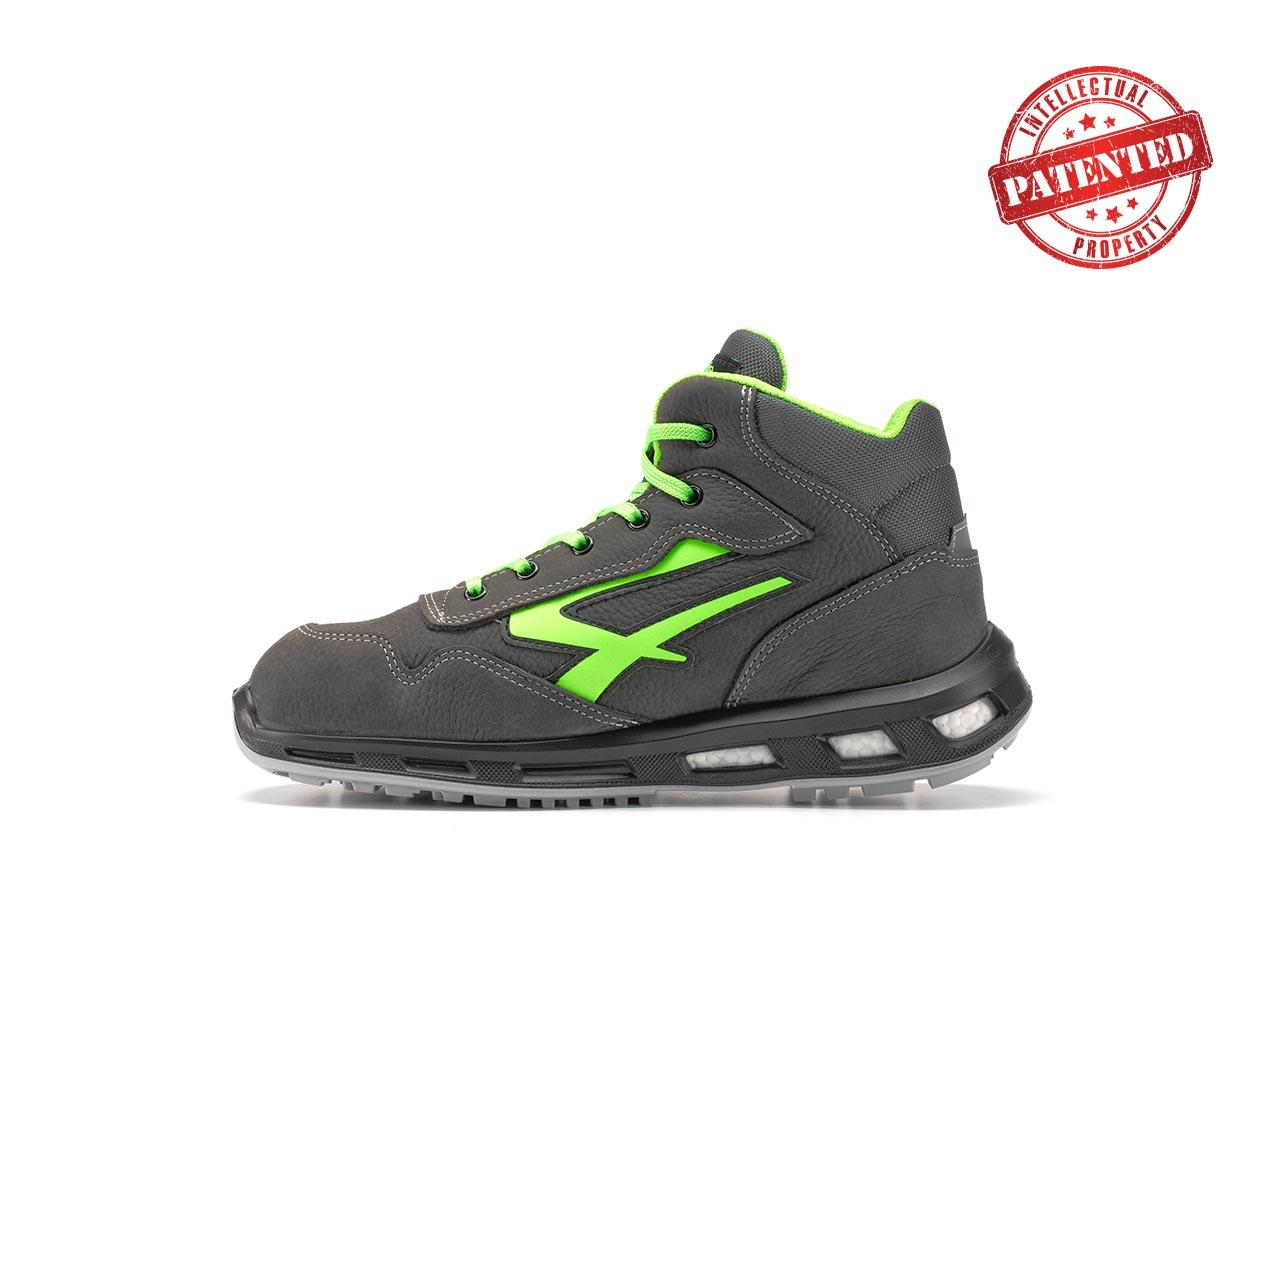 calzatura da lavoro alta upower modello hummer linea redlion vista lato sinistra